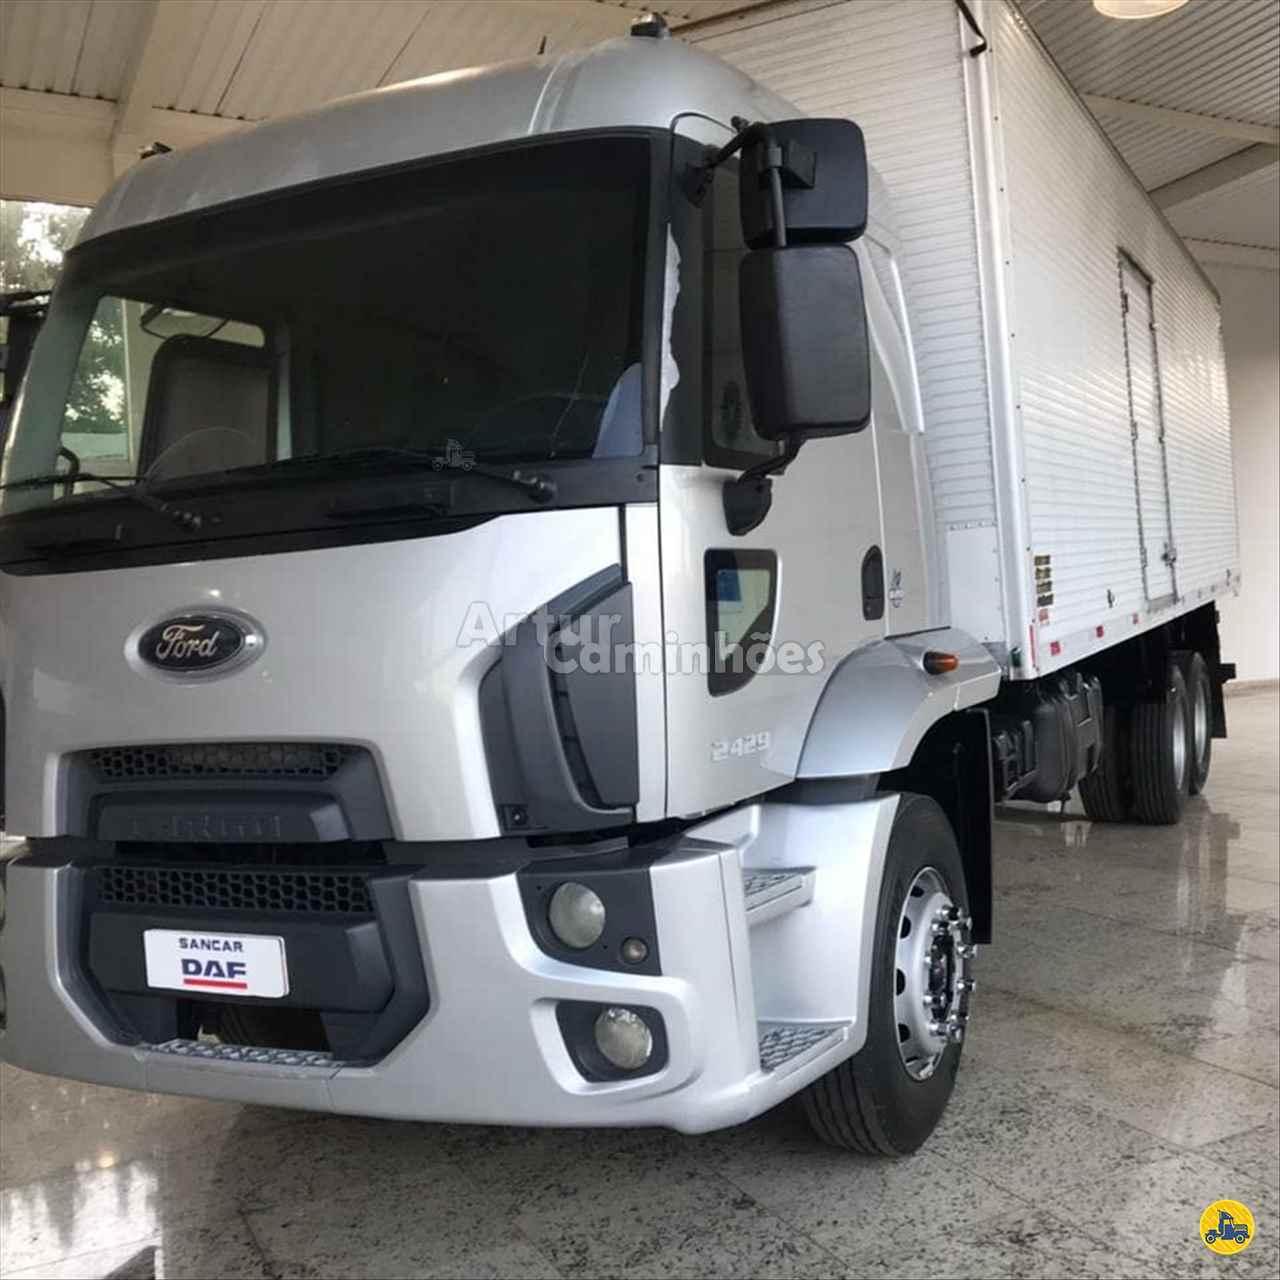 CAMINHAO FORD CARGO 2429 Baú Furgão Truck 6x2 Artur Caminhões DIVINOPOLIS MINAS GERAIS MG